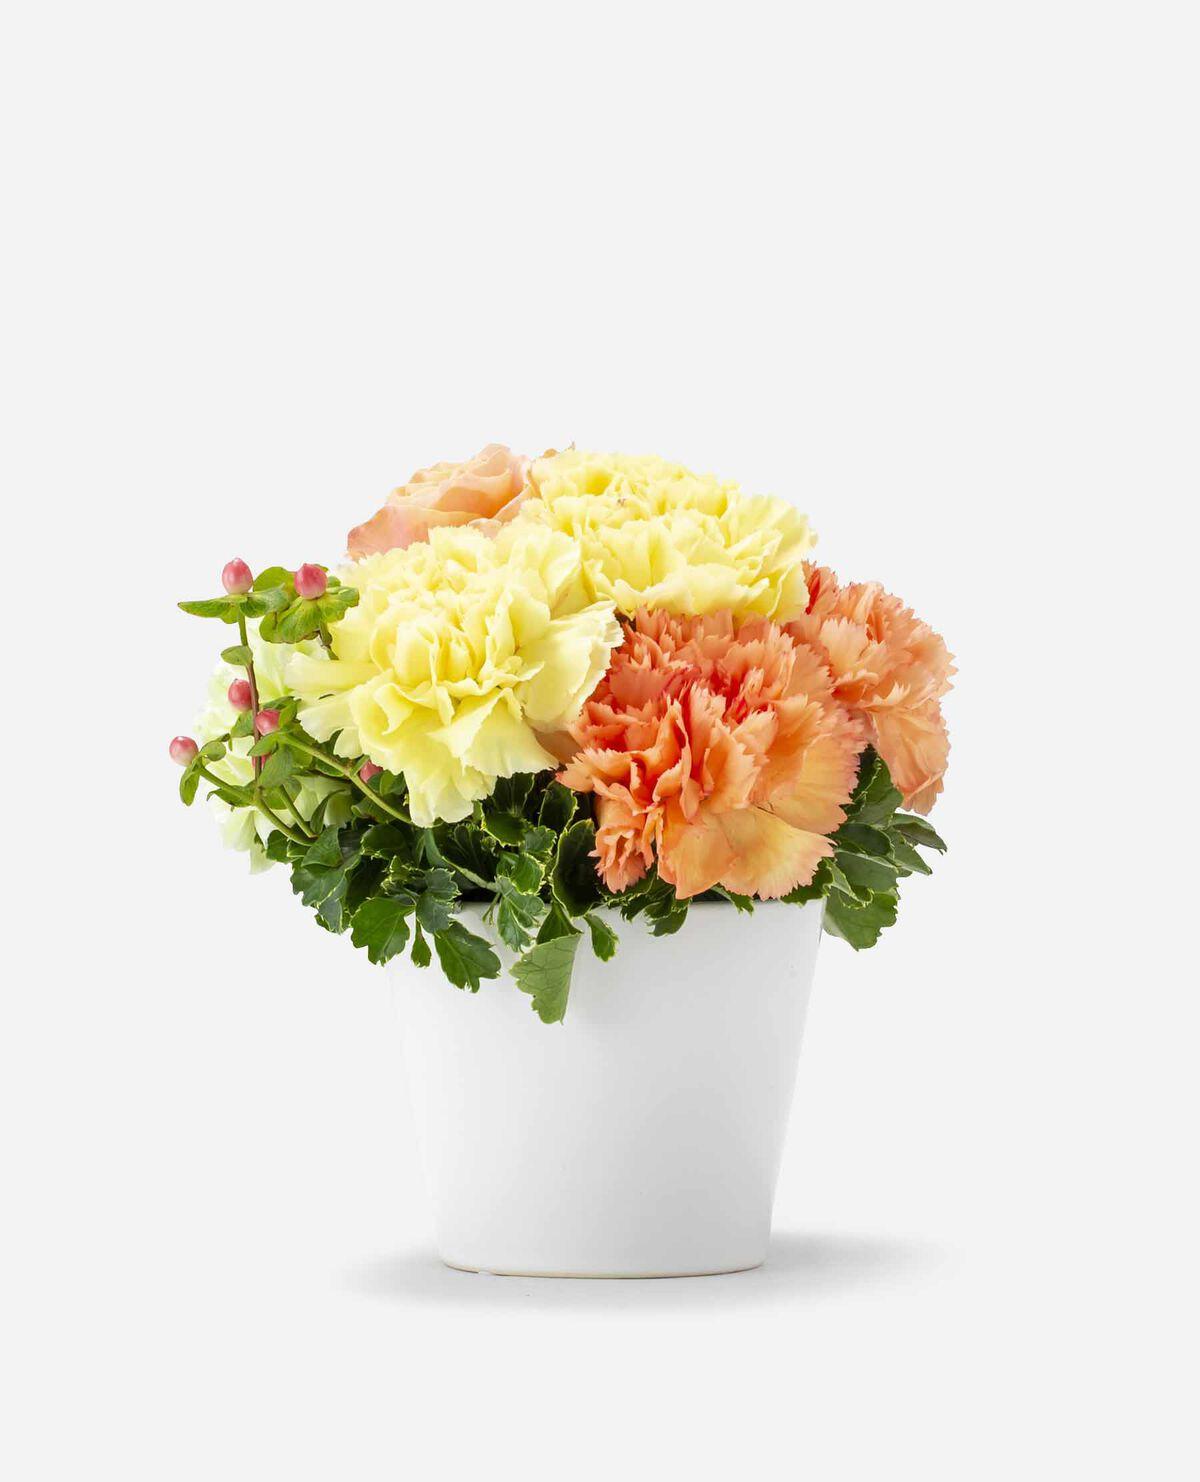 【5/6~9お届け予定】ムードマークオリジナル カーネーションのフラワーアレンジメント 黄色・オレンジ(母の日)